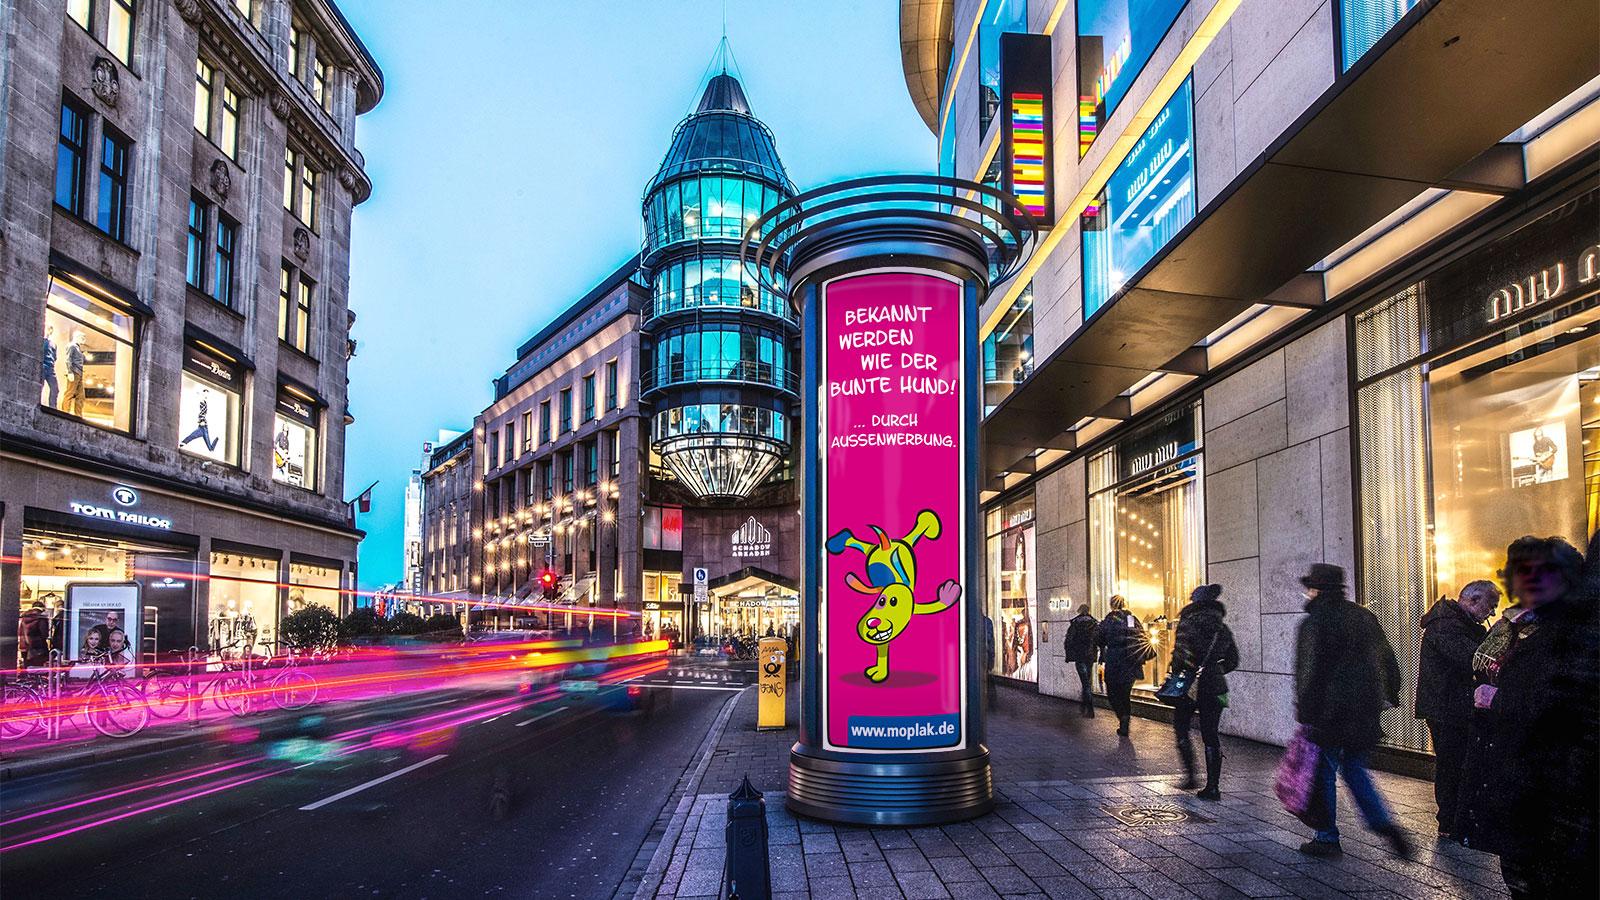 Reutlingen-Aussenwerbung-Litfasssaeule-Werbung